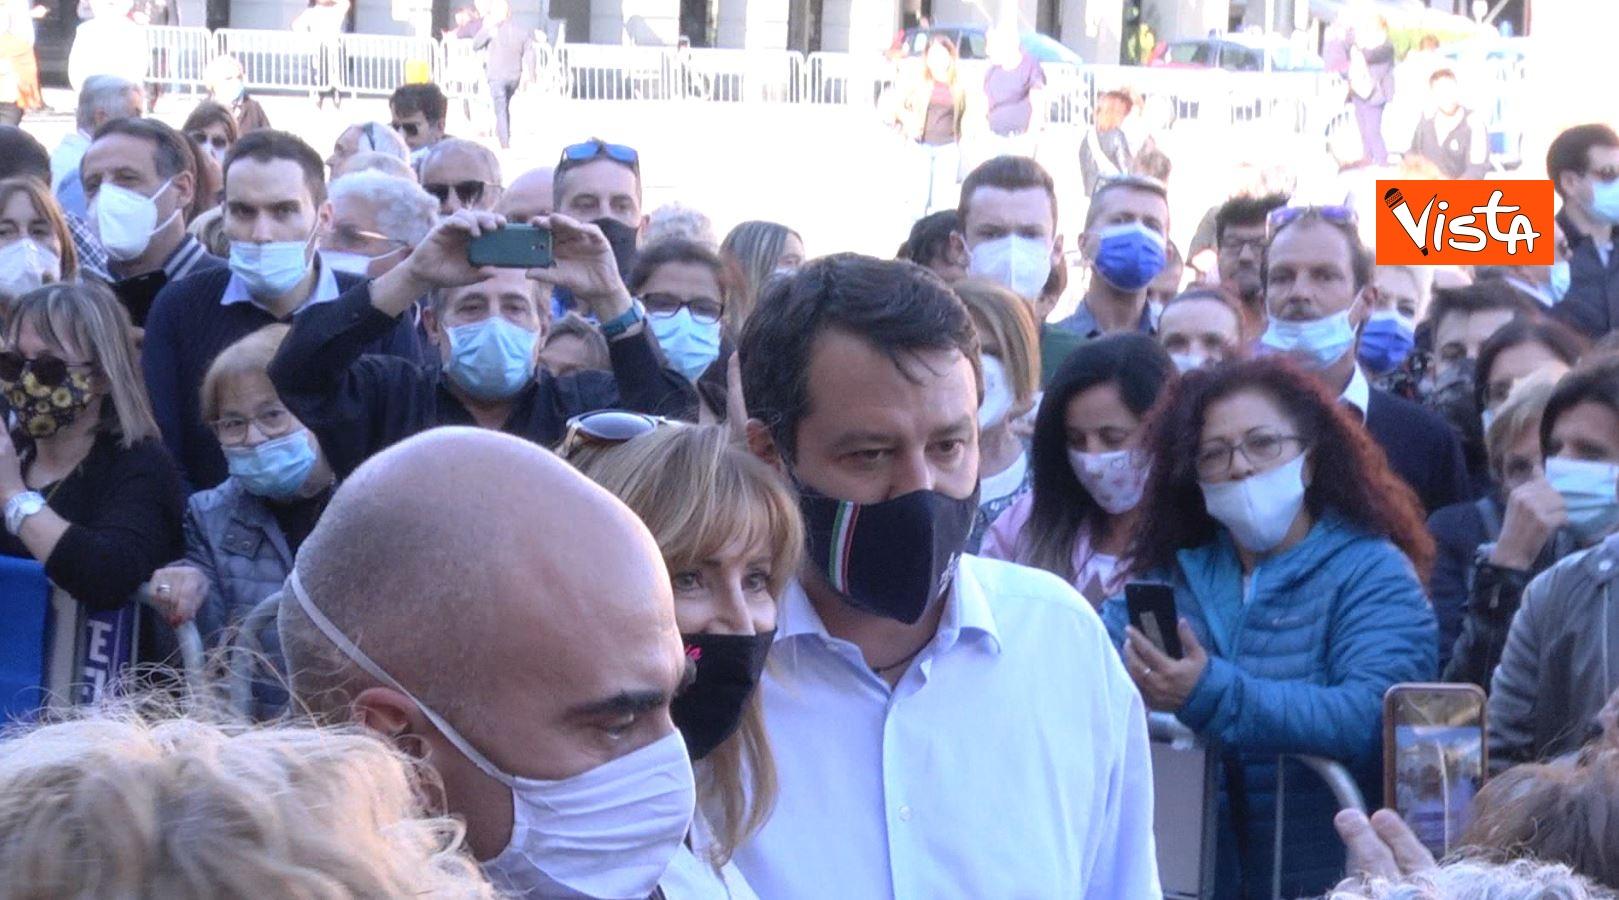 27_09_20 Salvini a Voghera Pavia per il comizio elettorale le immagini _06